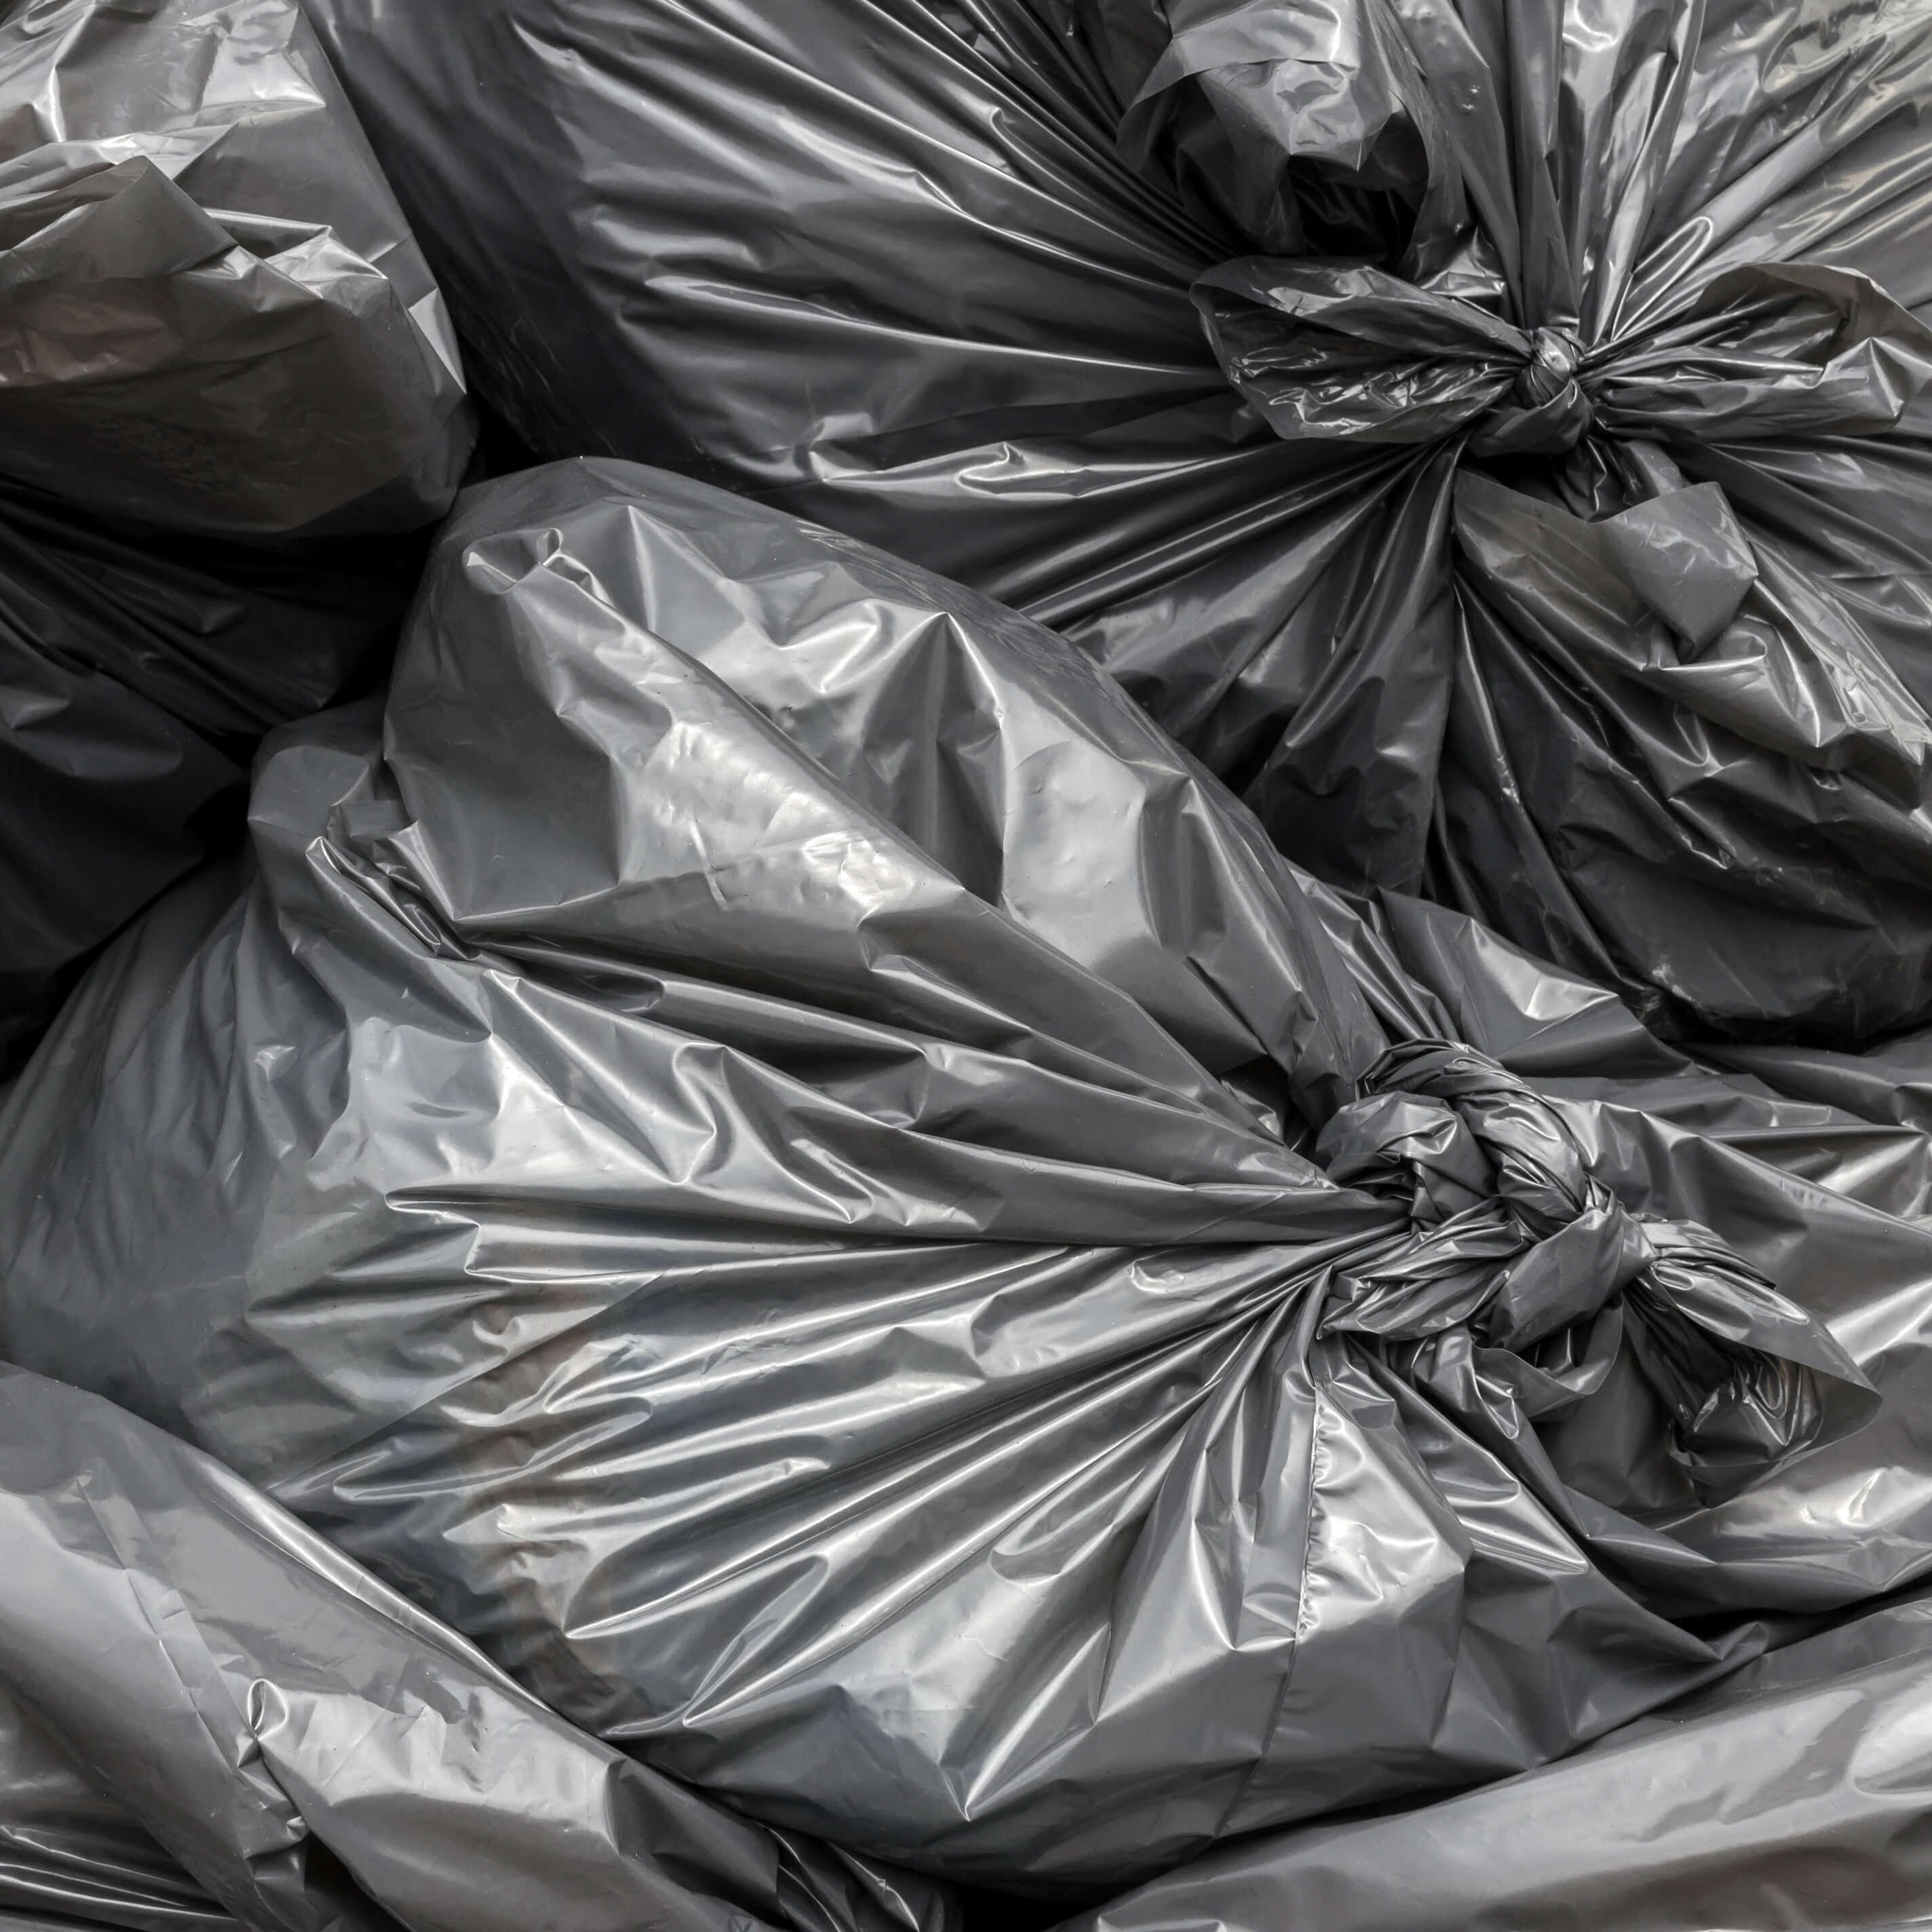 ews general waste